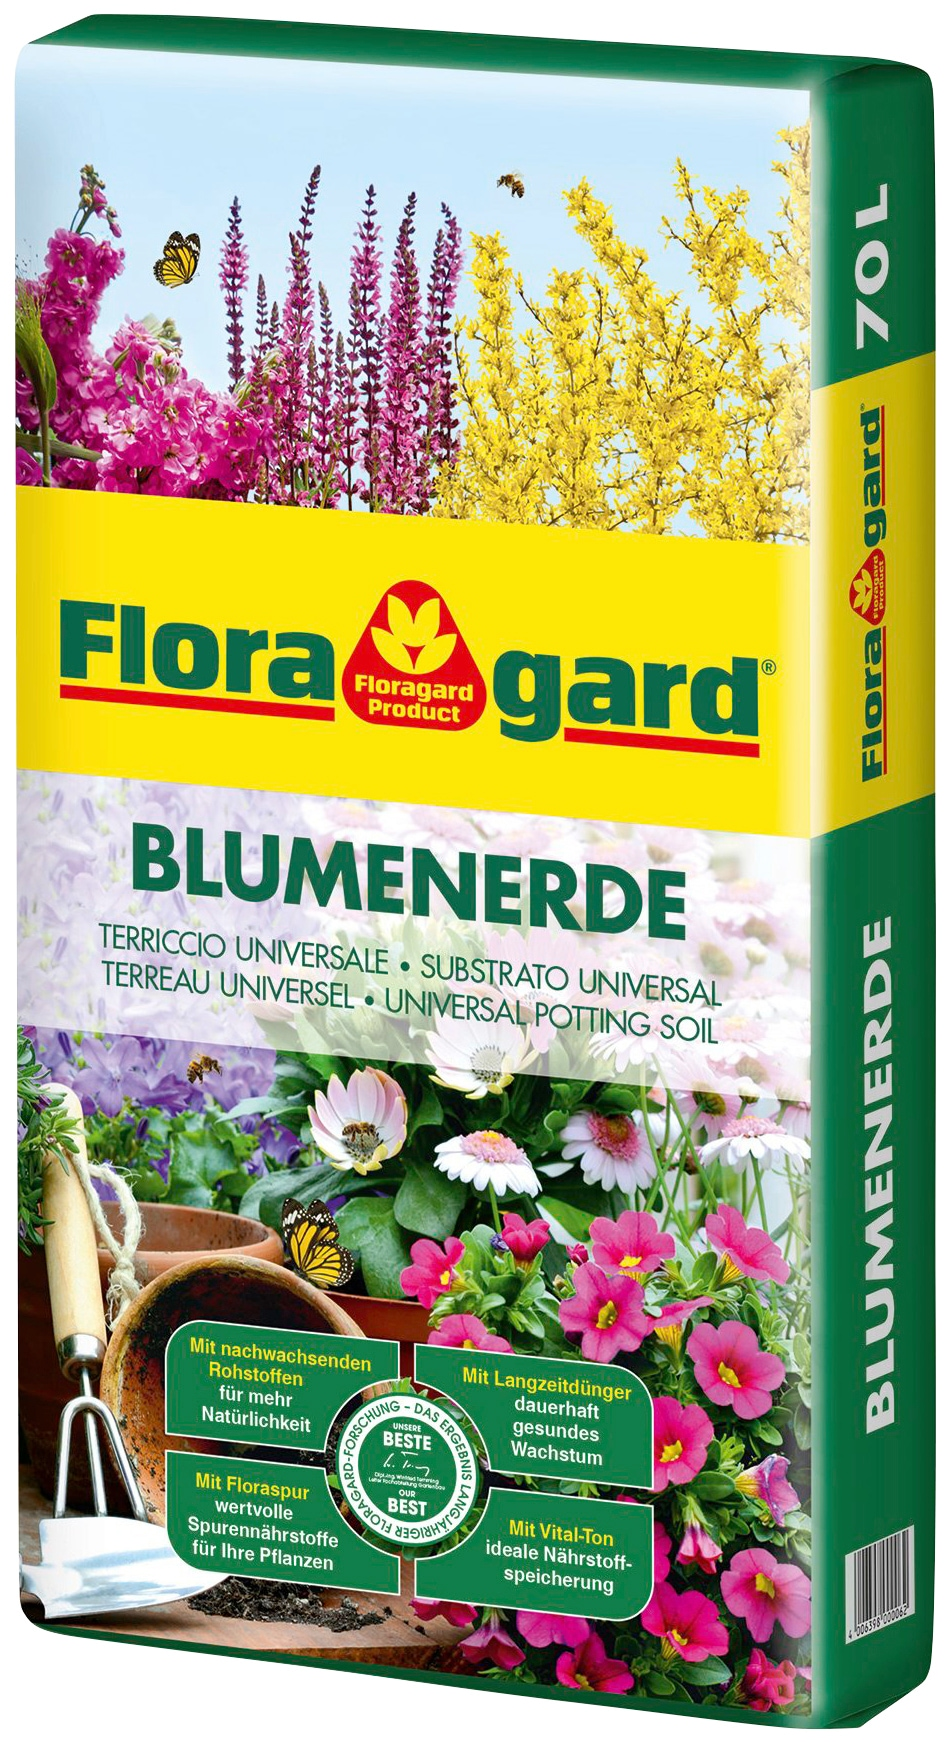 Floragard Blumenerde, 1x70 Liter braun Blumenerde Zubehör Pflanzen Garten Balkon